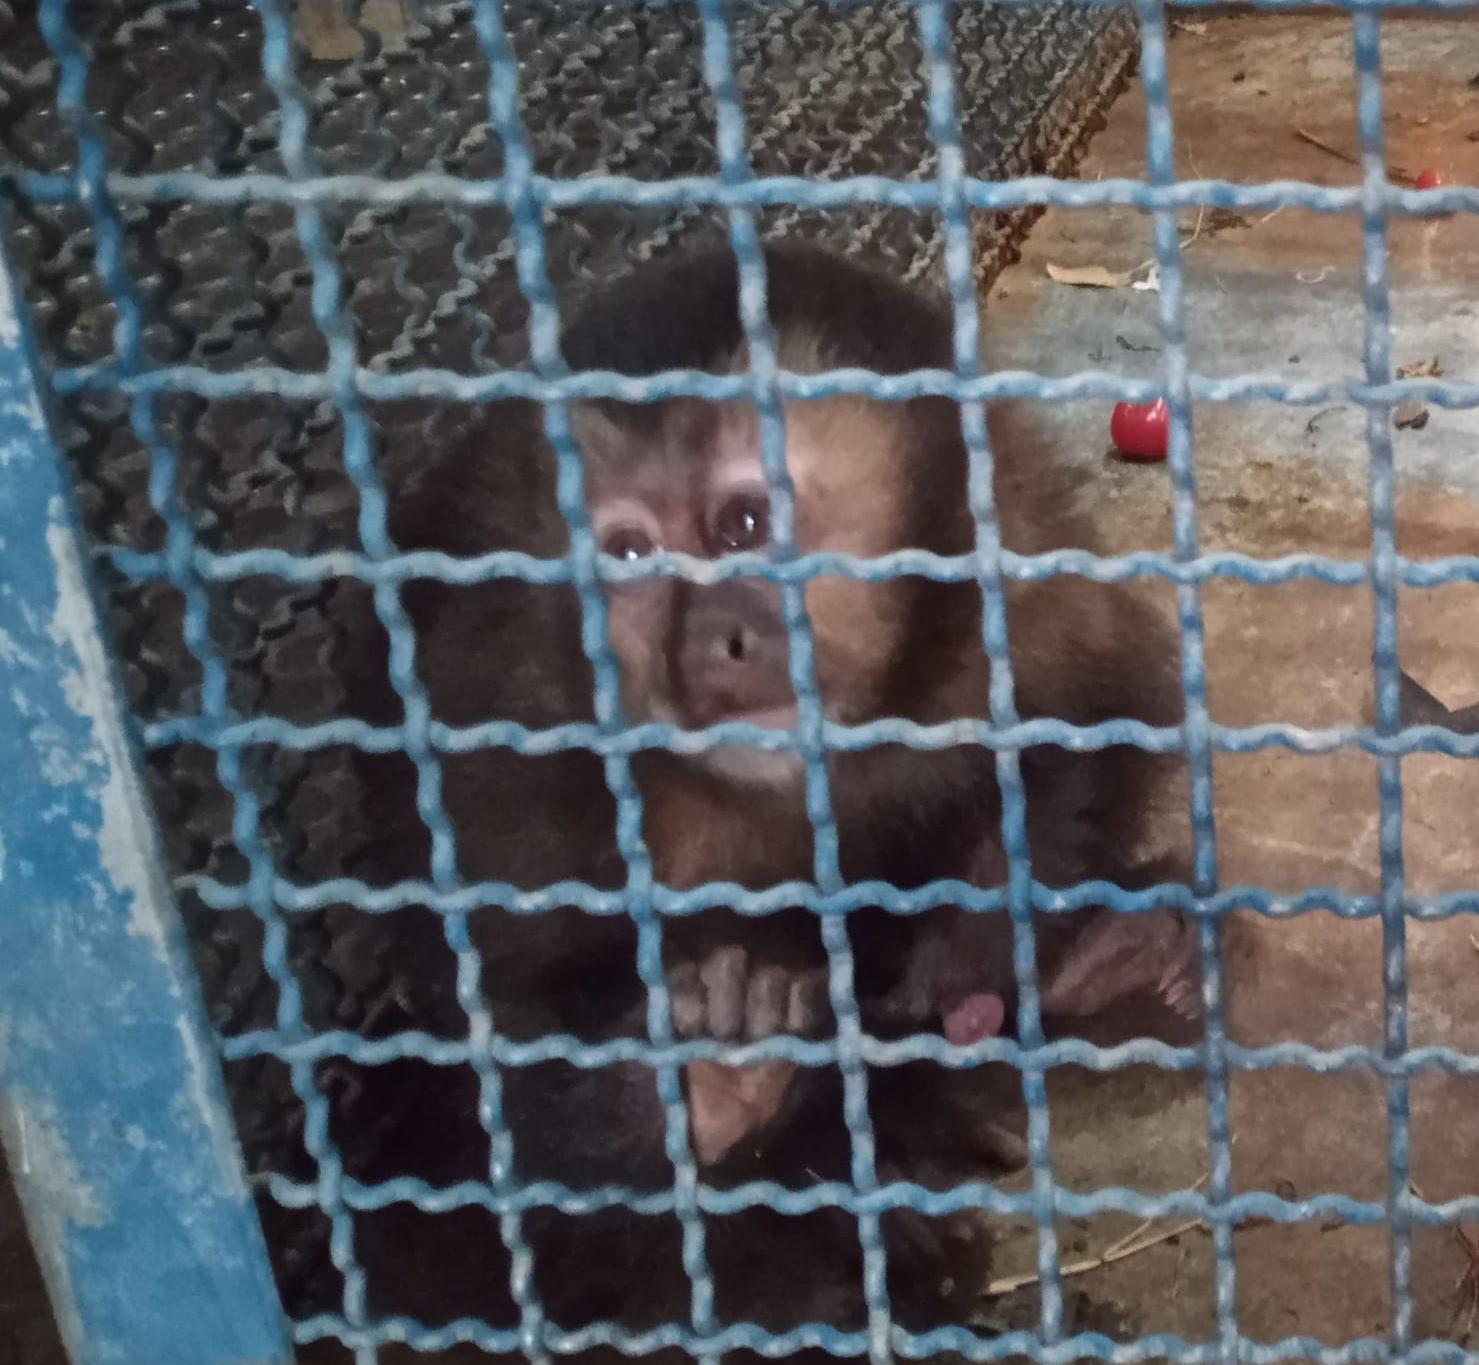 Macaco prego é resgatado pela Polícia Militar Ambiental, em Caraguatatuba